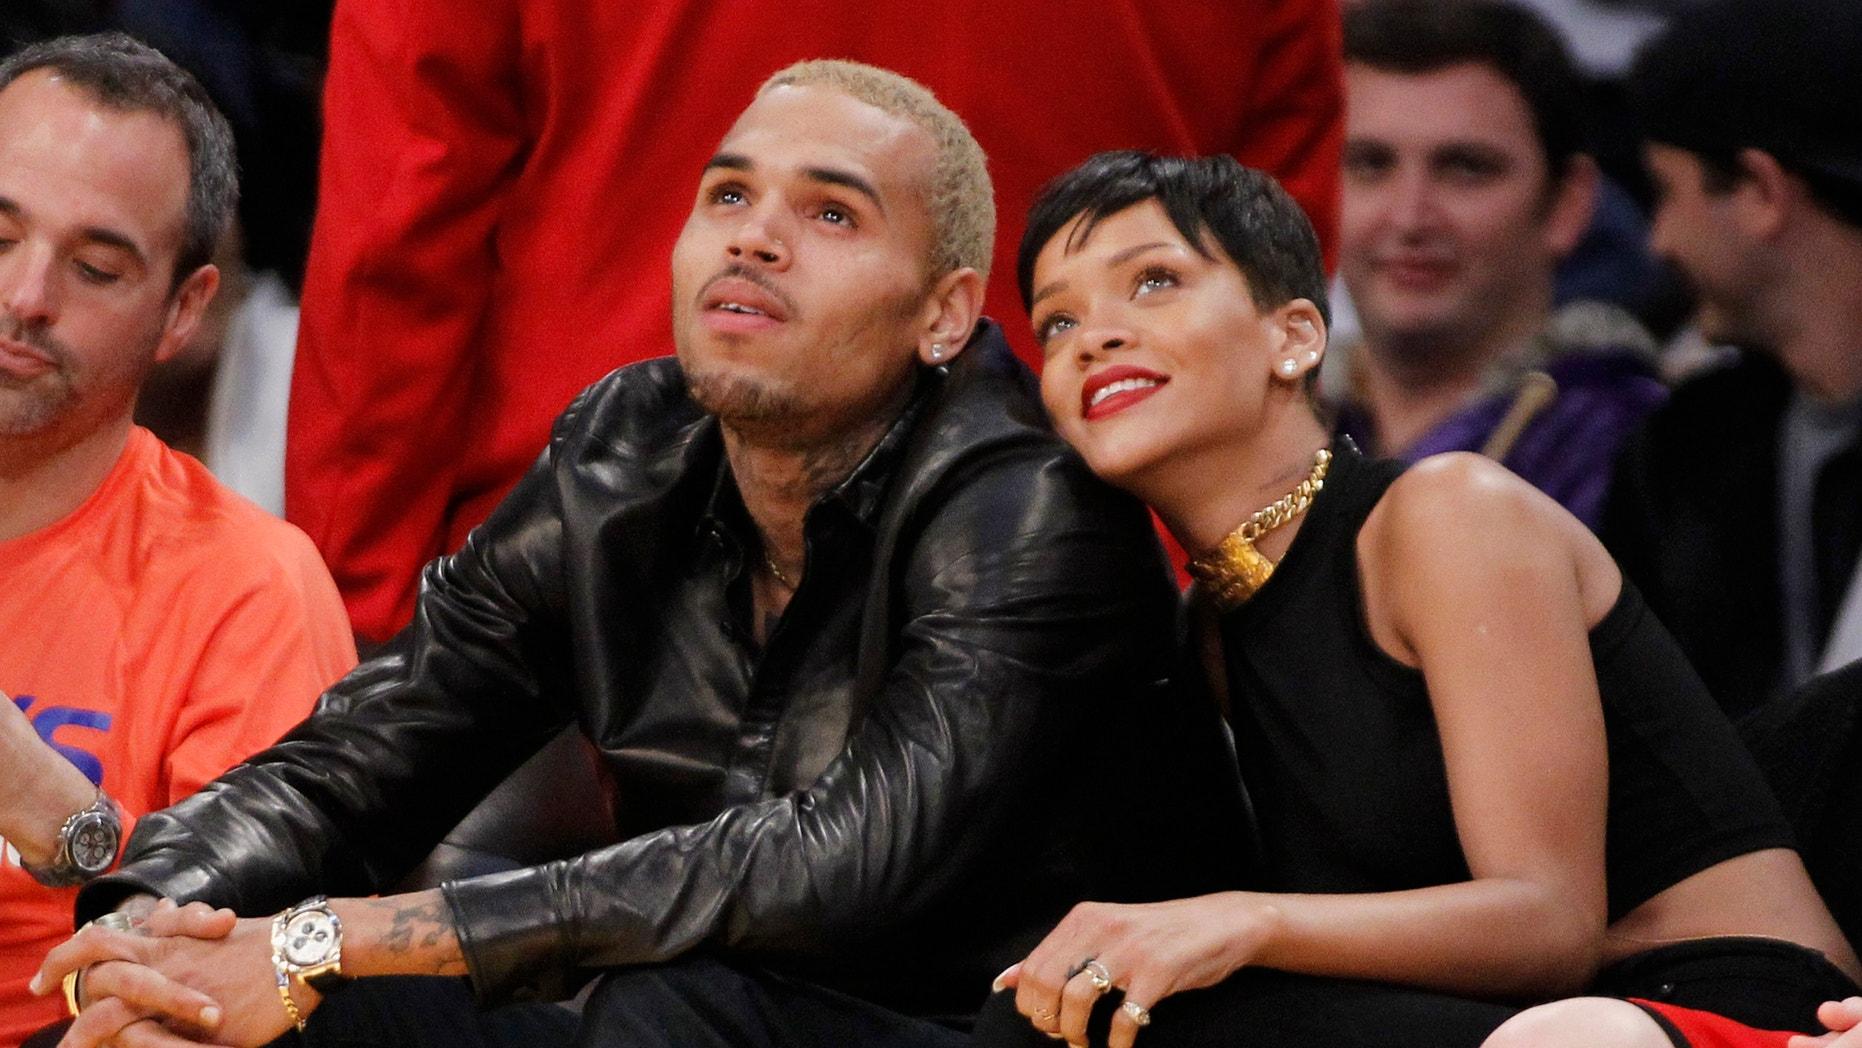 Chris Brown and Rihanna on Christmas, 2012.